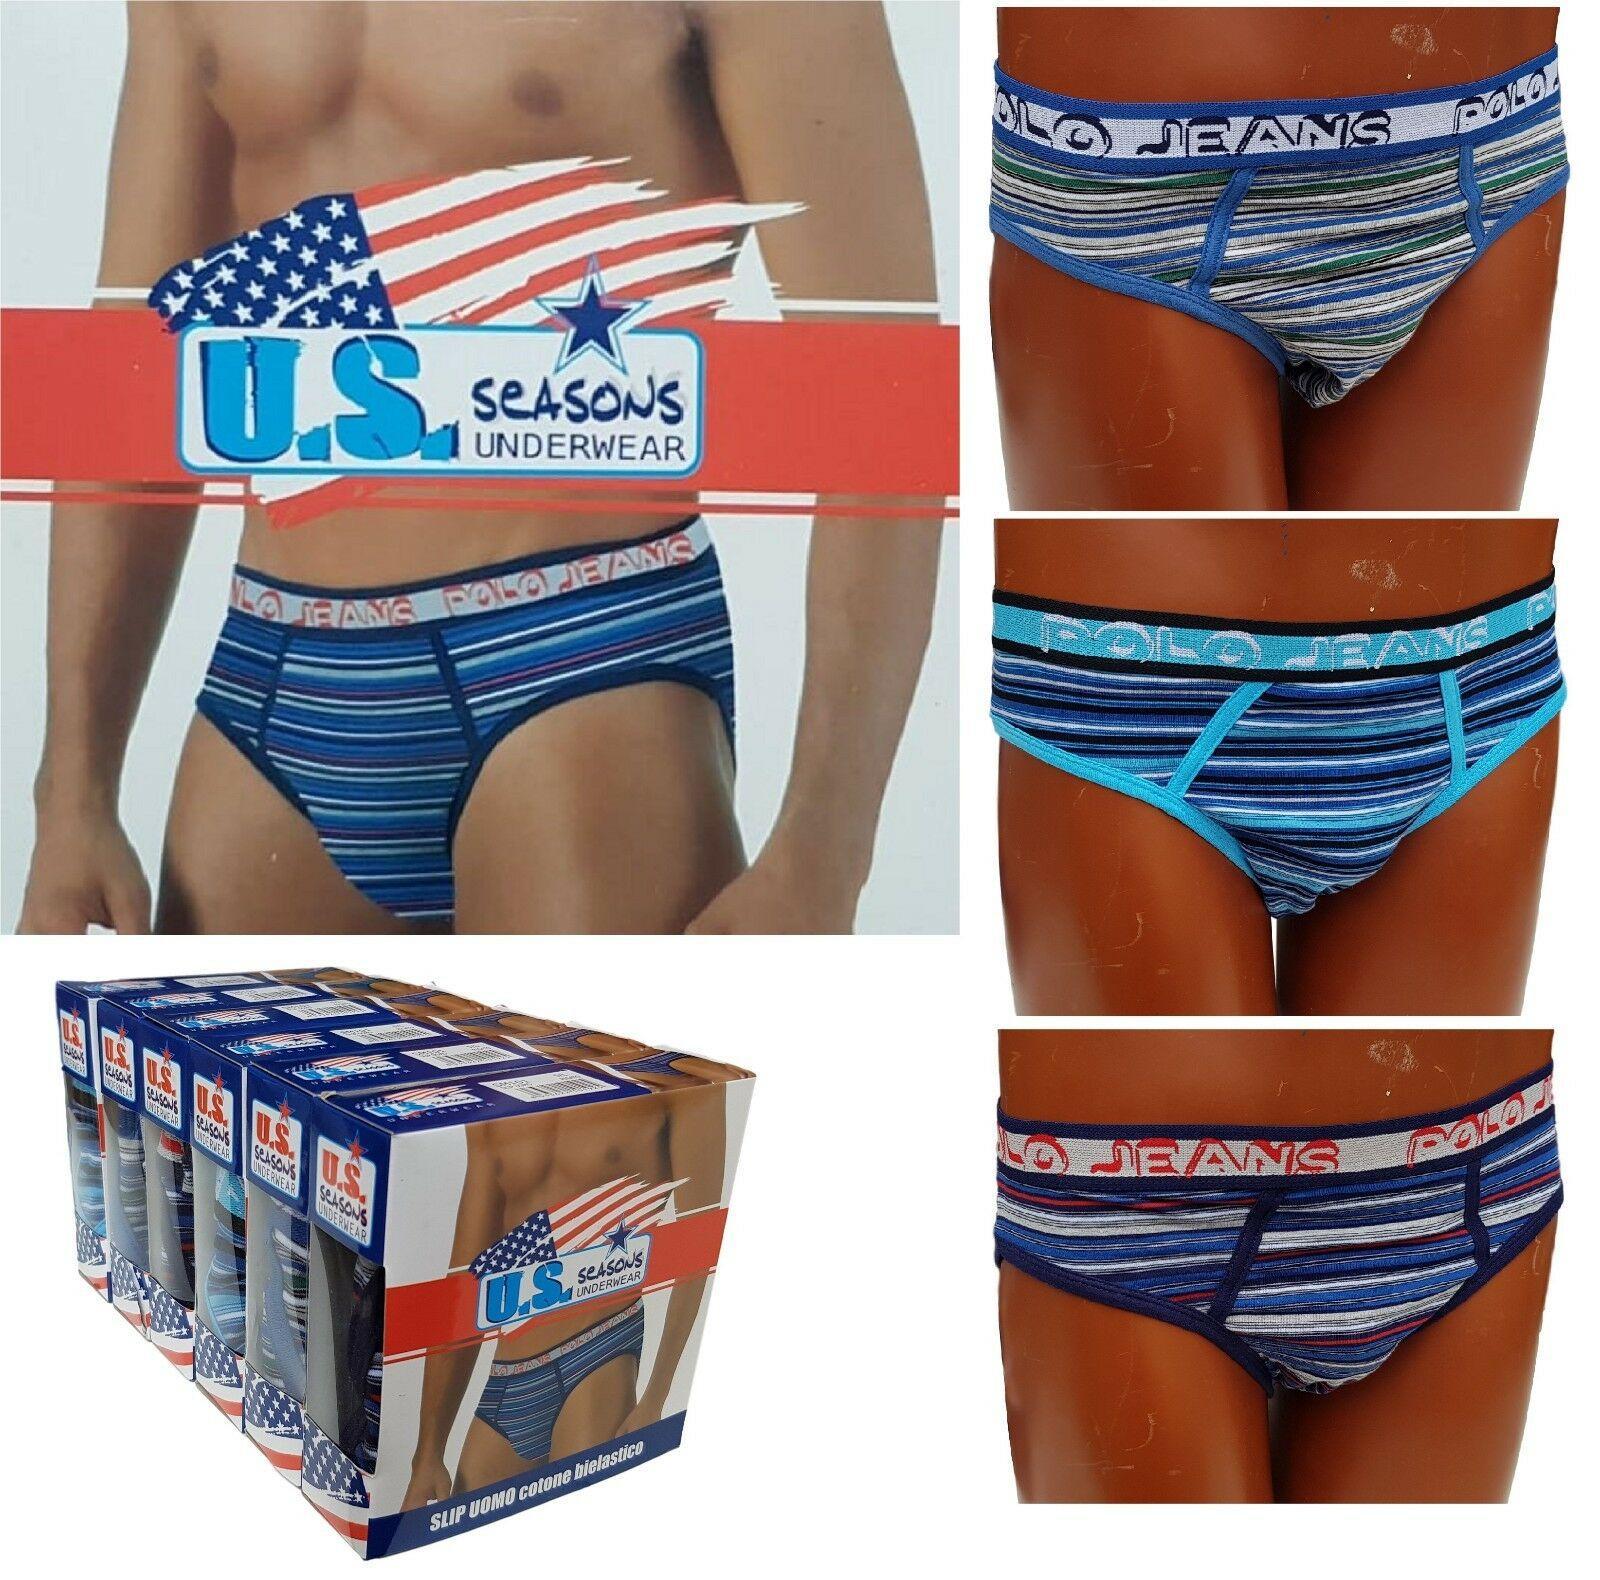 U.S. SEASONS. 6 Slip uomo cotone bielastico. Underwear - SM101.